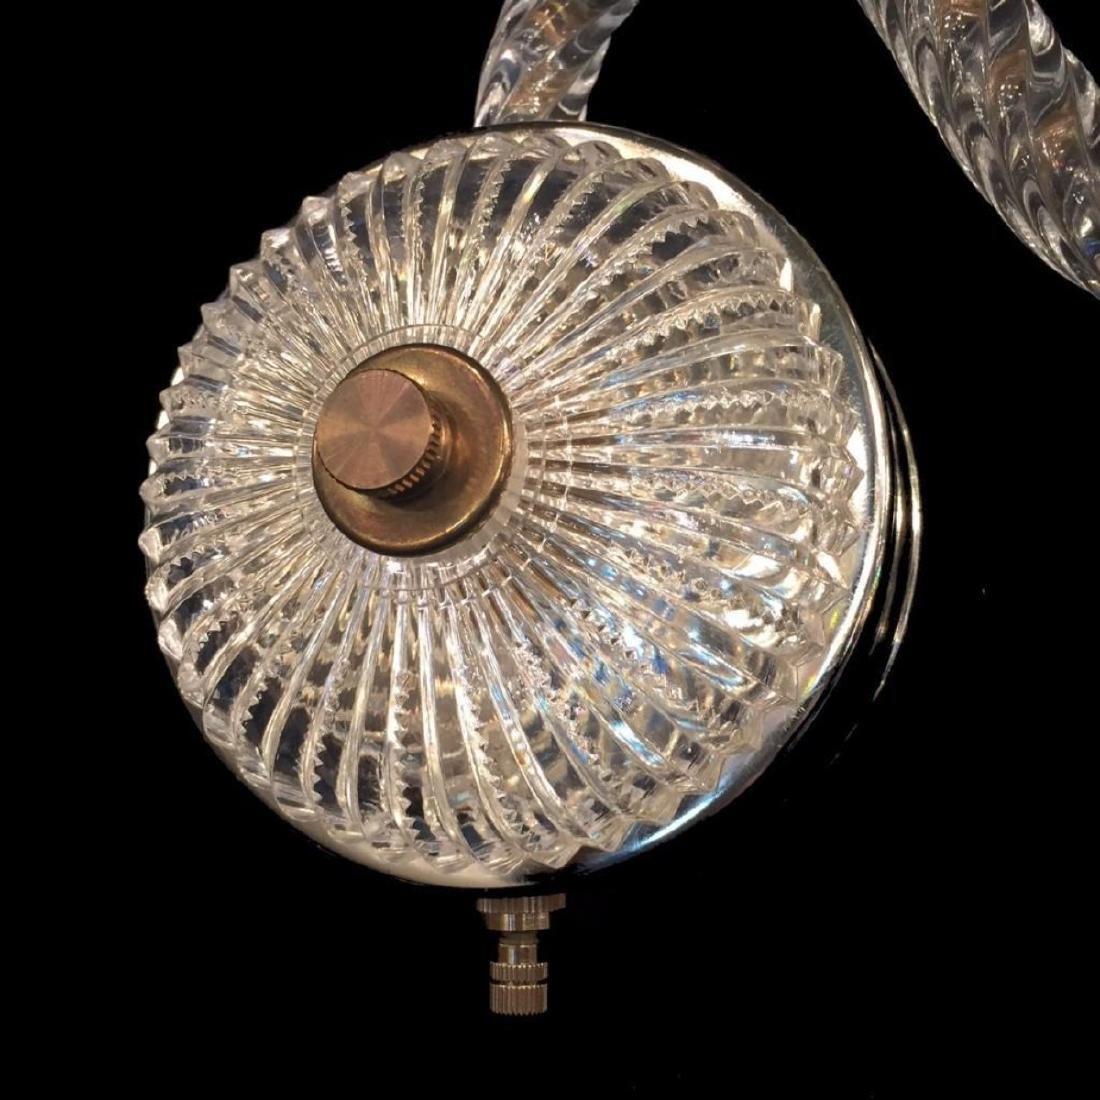 Sconce 3 - 3 Light Crystal Sconce with Swarovski - 3